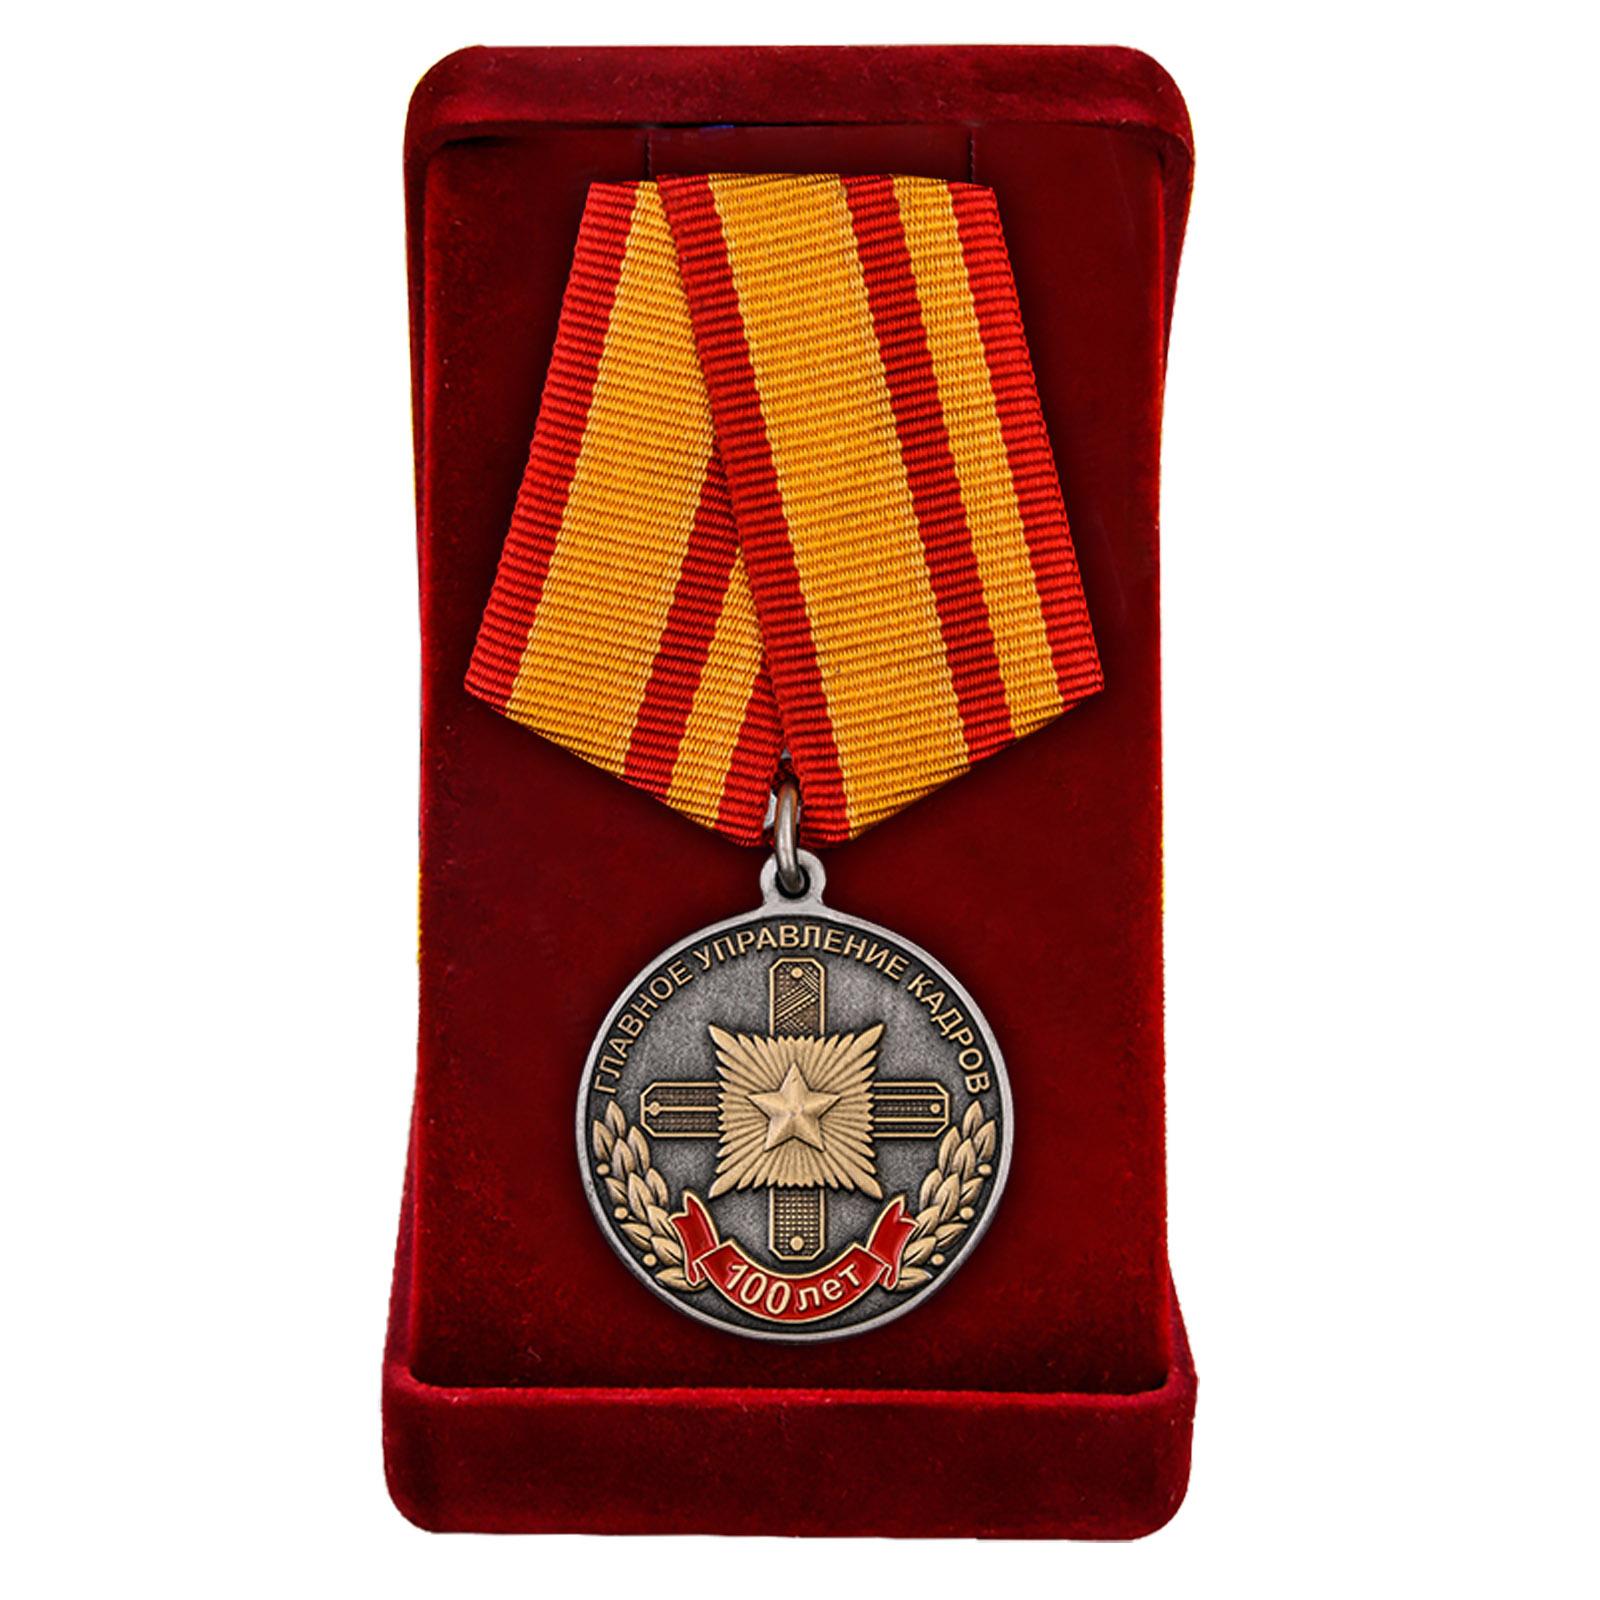 Купить медаль 100 лет Главному управлению кадров МО России в подарок